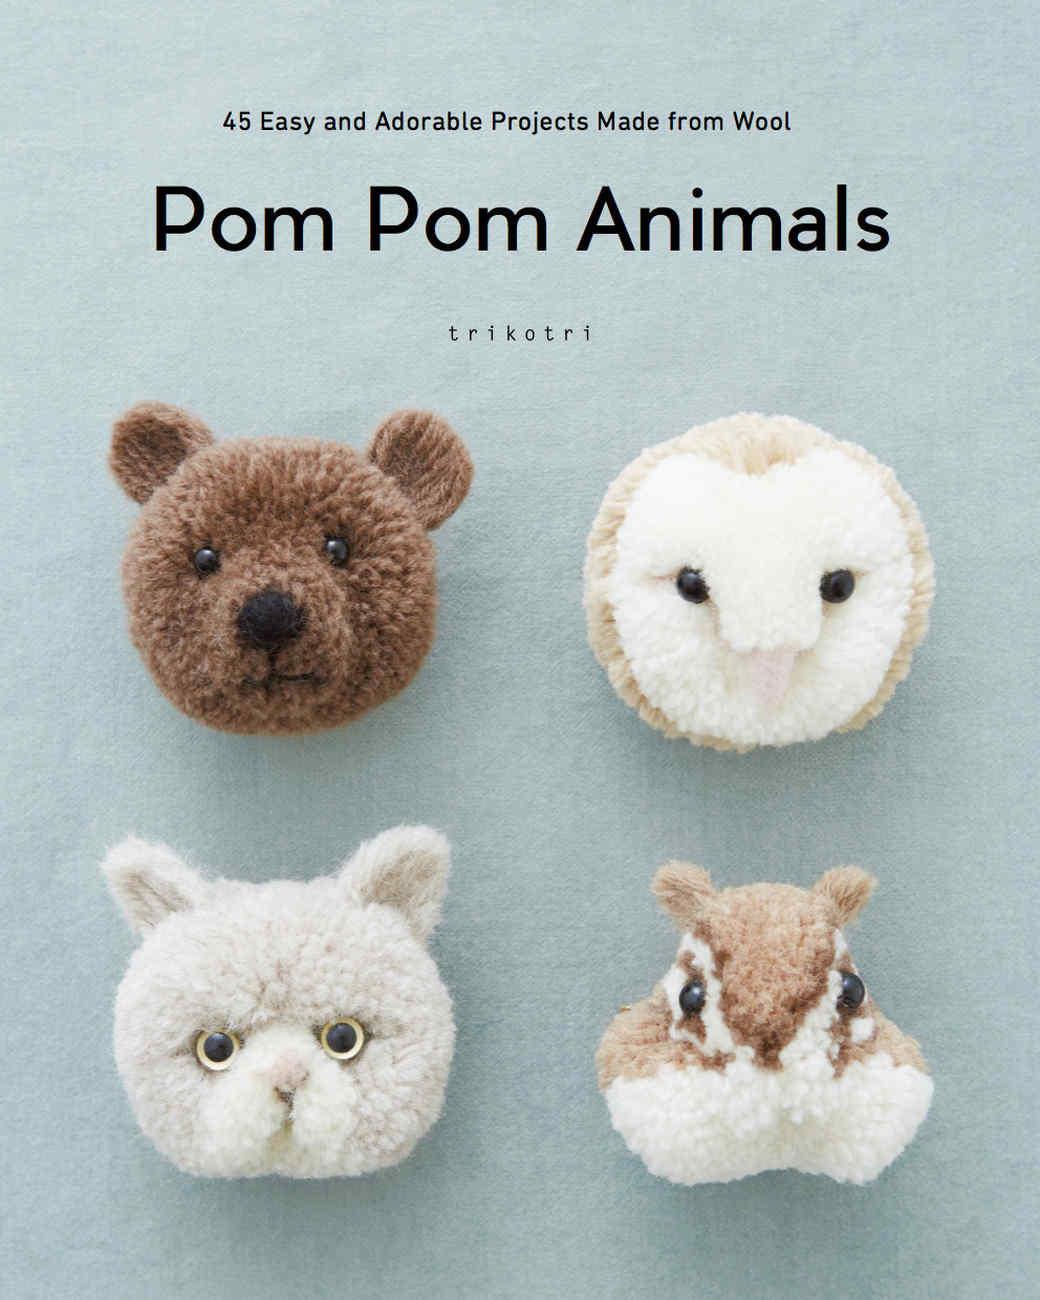 pom-pom animals